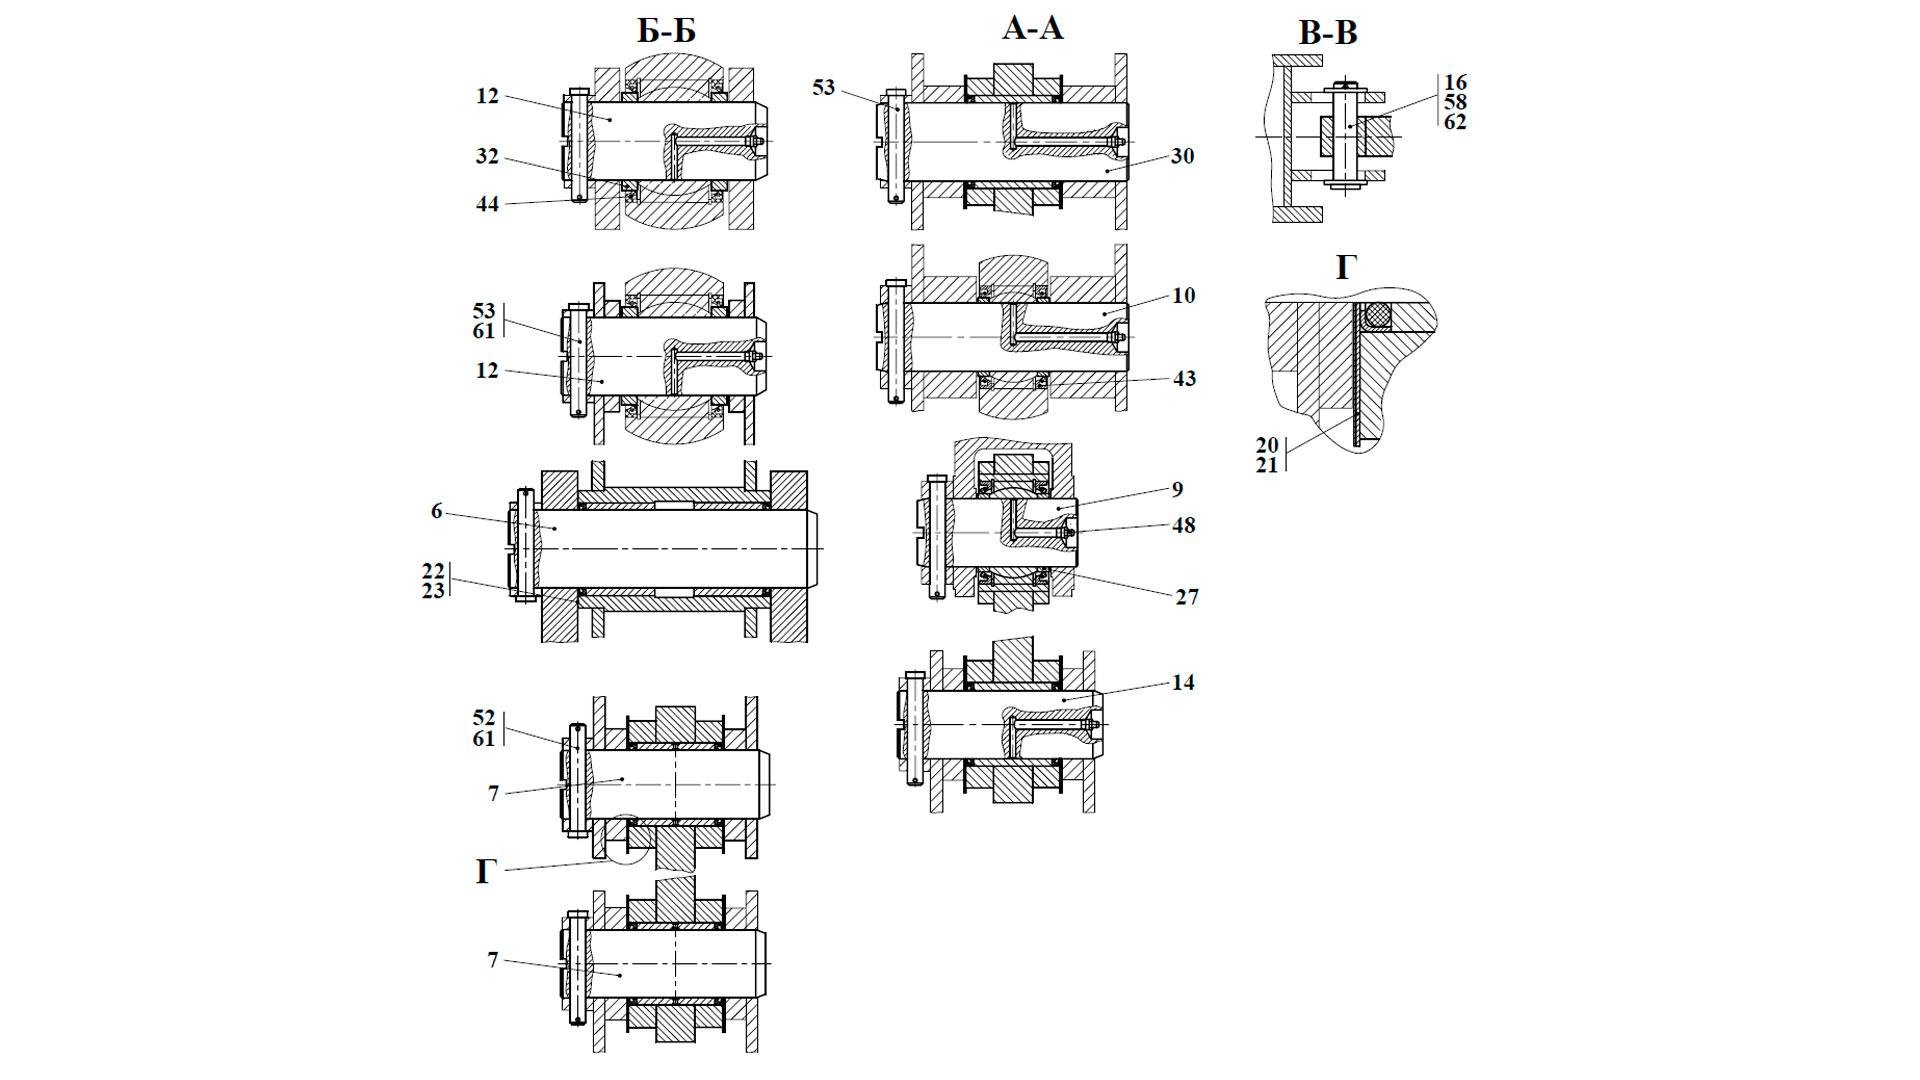 Оборудование погрузочное 342В.14.00.000, 342В.24.00.000, 342В.24.00.000-Б, 342C4.14.00.000